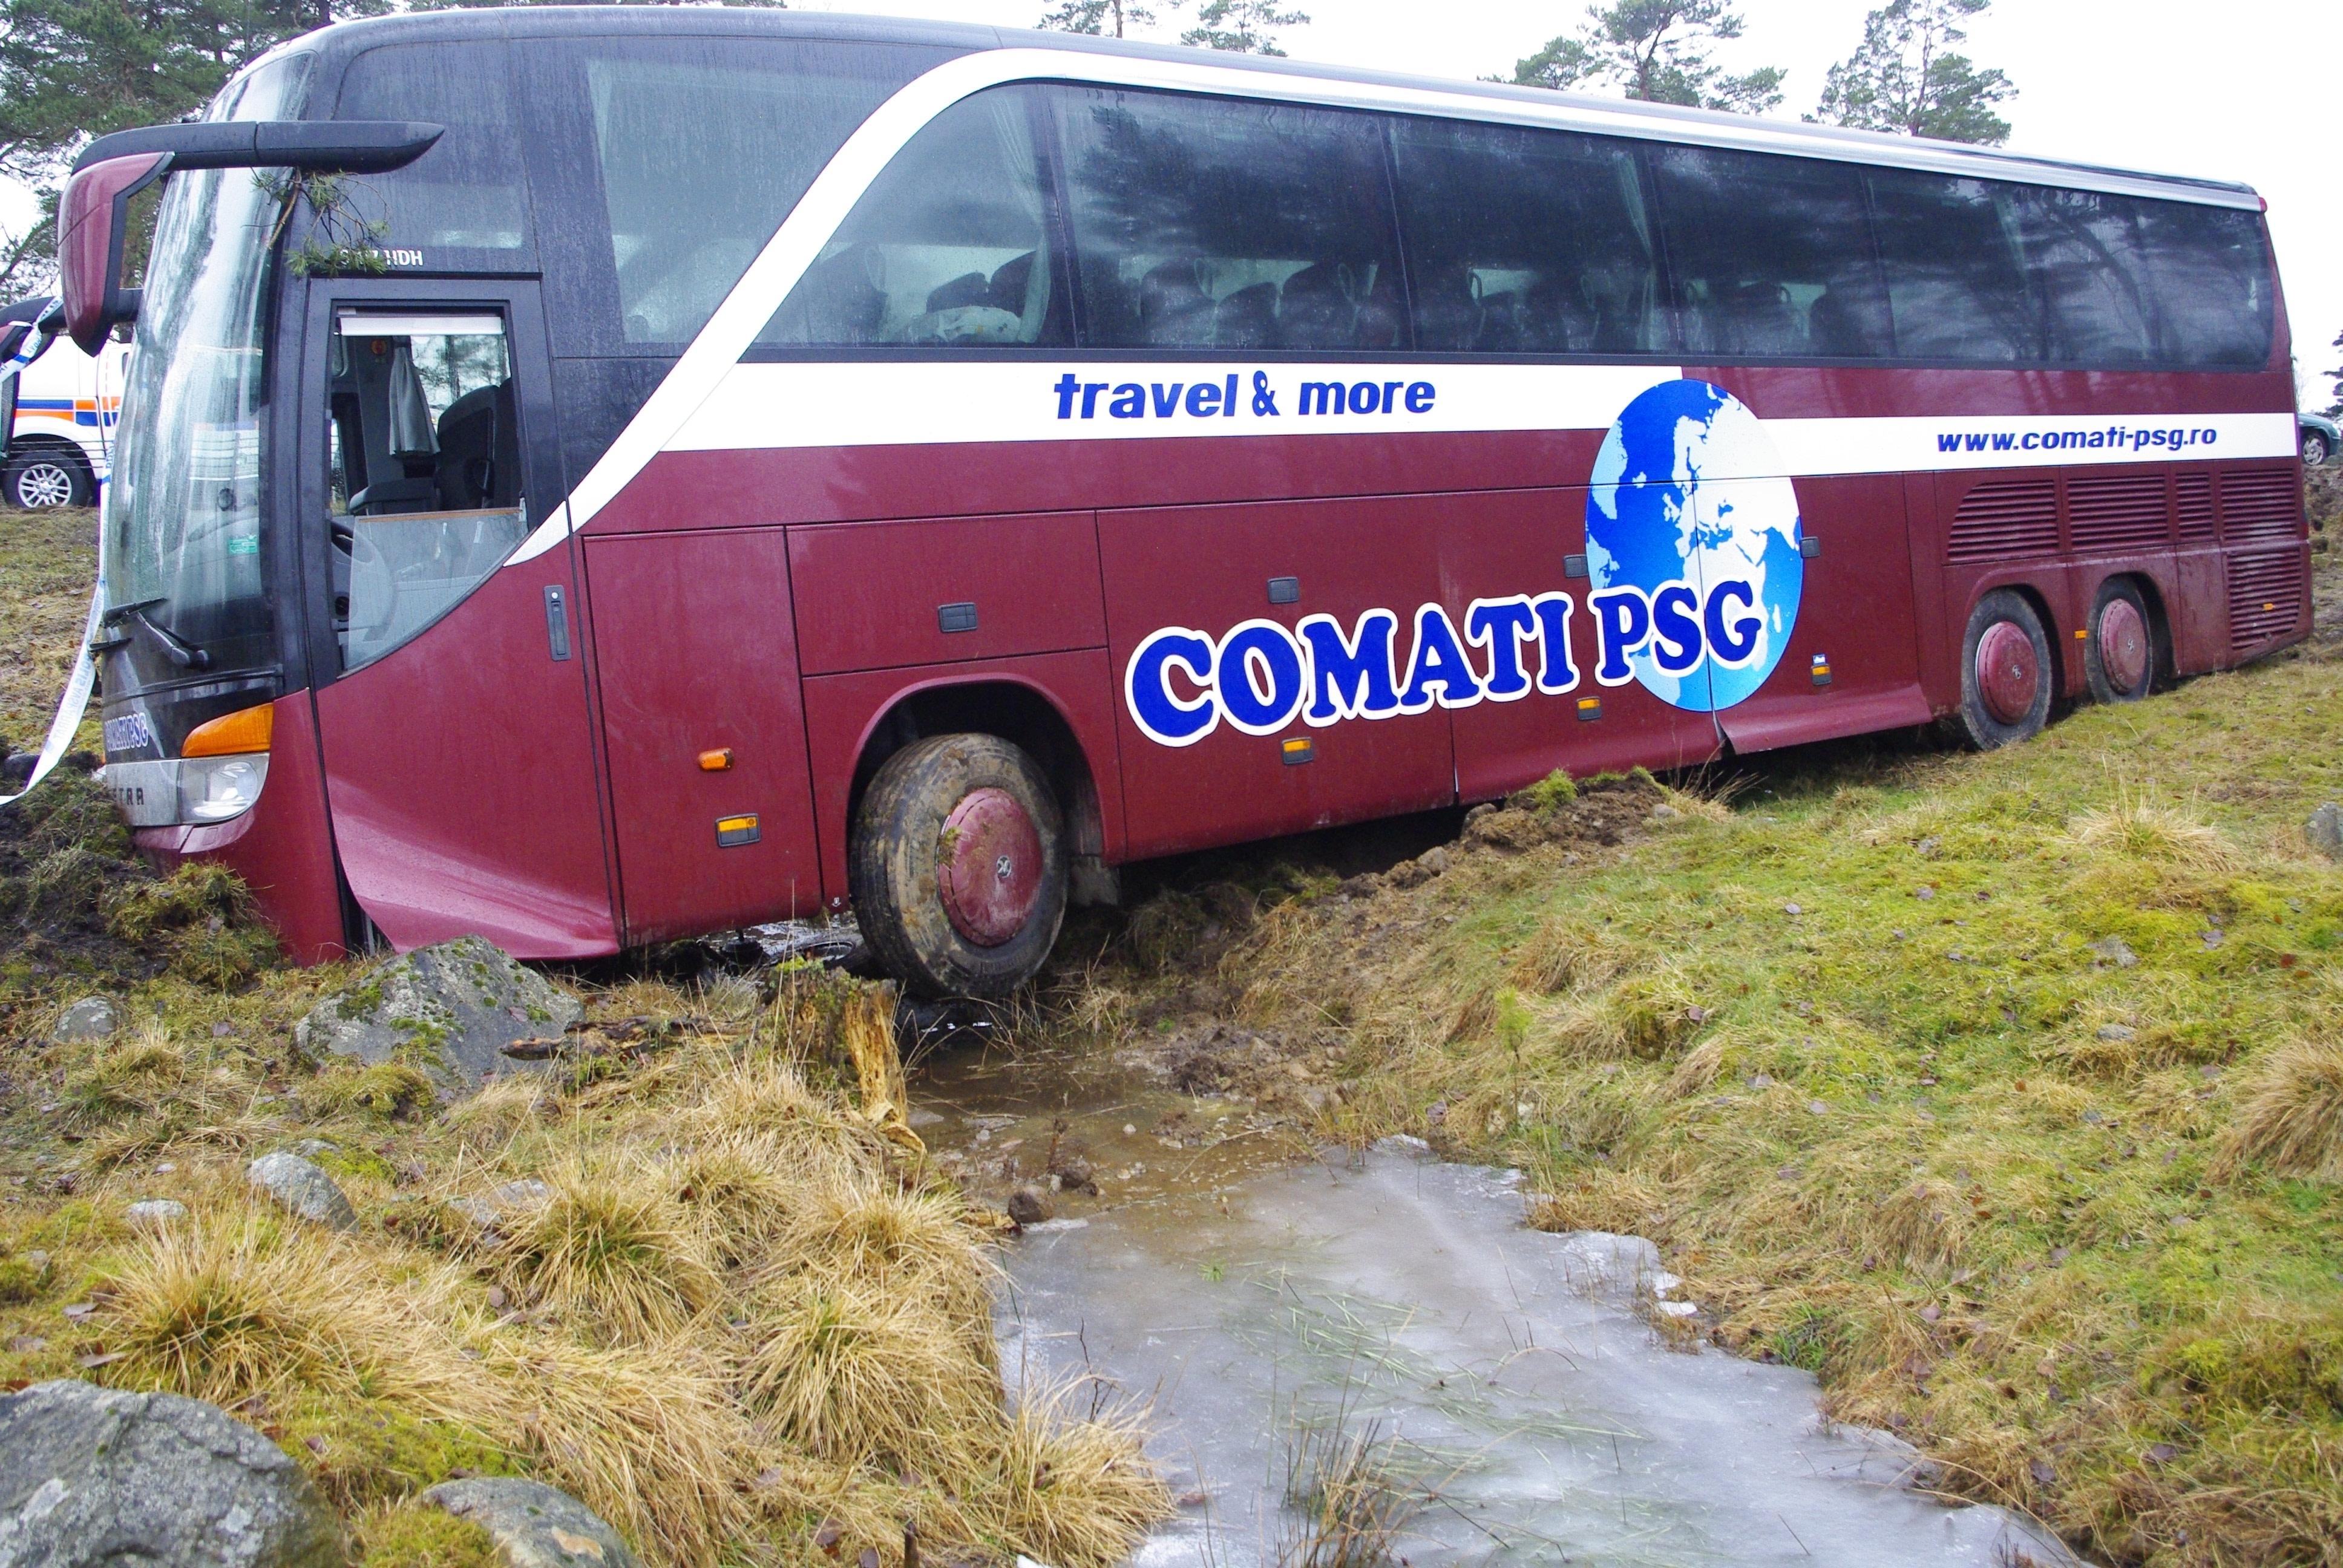 buss-avakning-rv-27-vid-back-2014-02-16-031